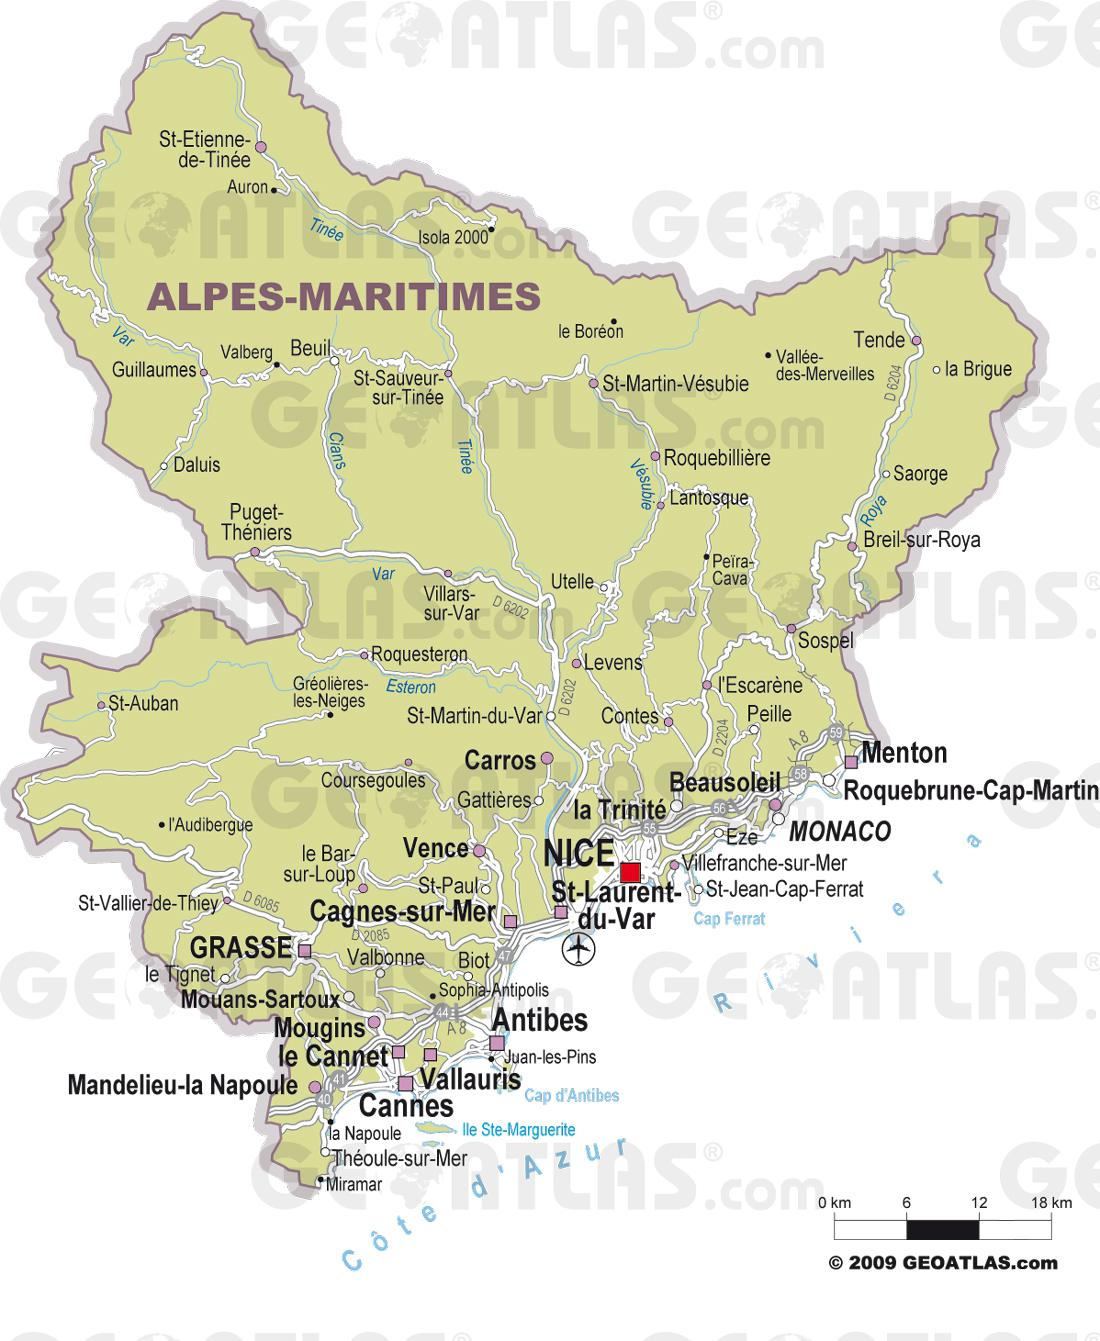 Carte des villes des Alpes-Maritimes